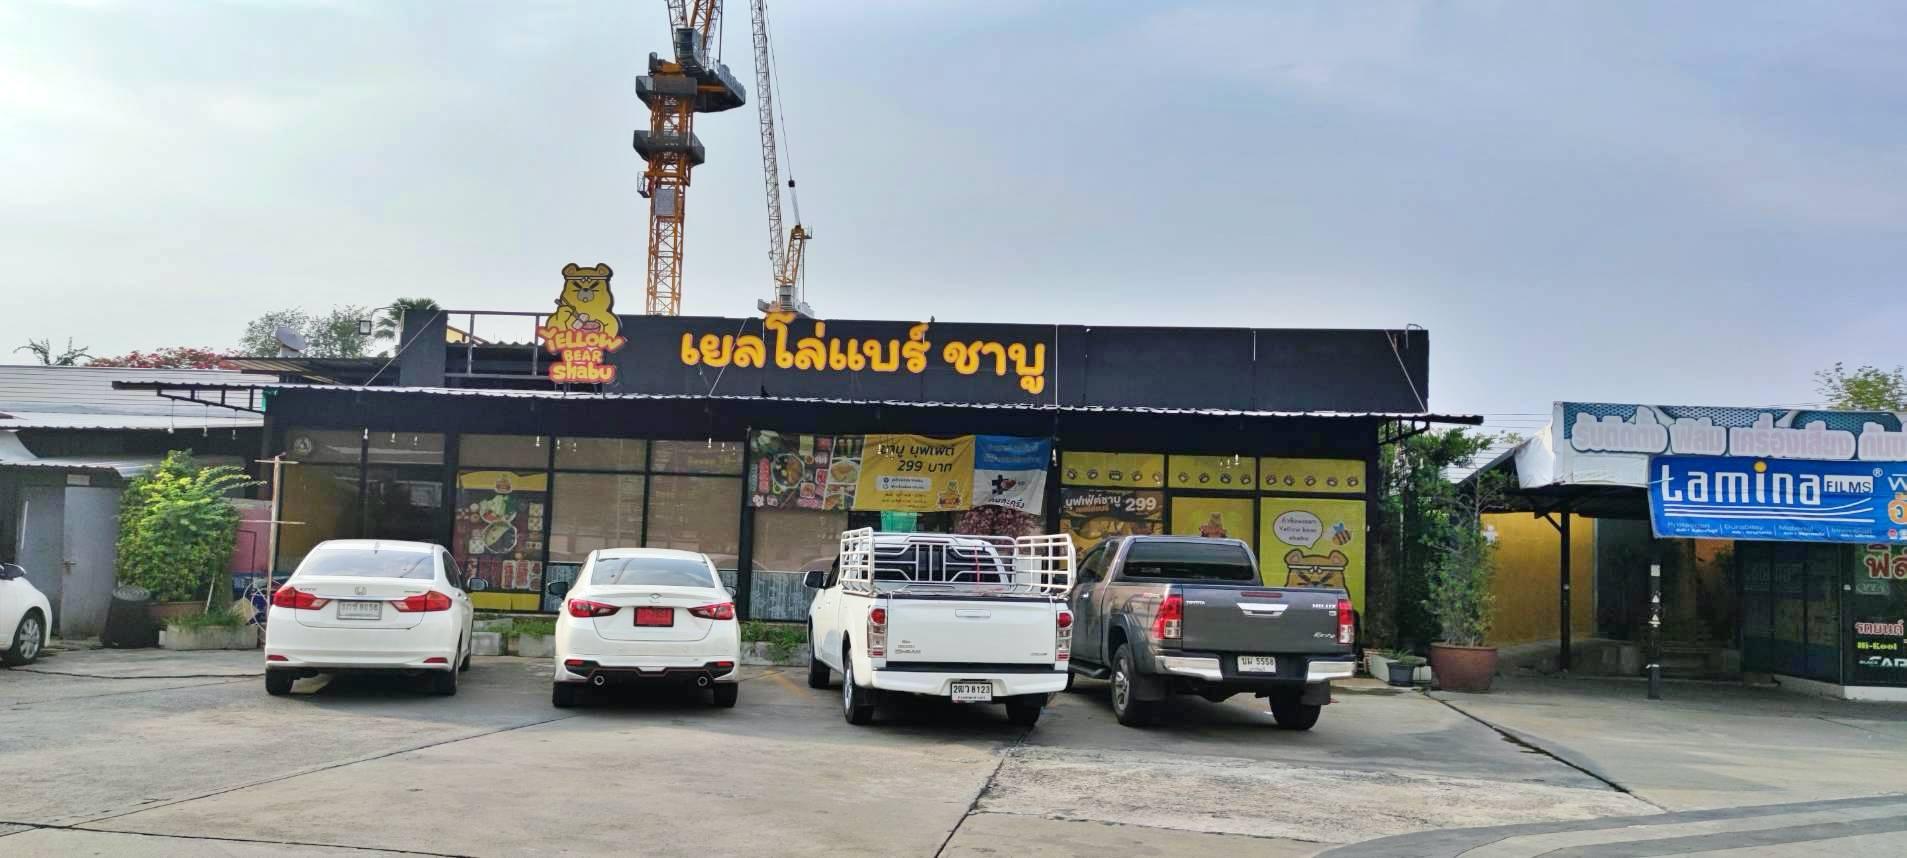 เซ้ง‼️ ร้านชาบู ราคาโควิด ติดถนนพัฒนาการ โครงการ @patt ( สวนหลวง )